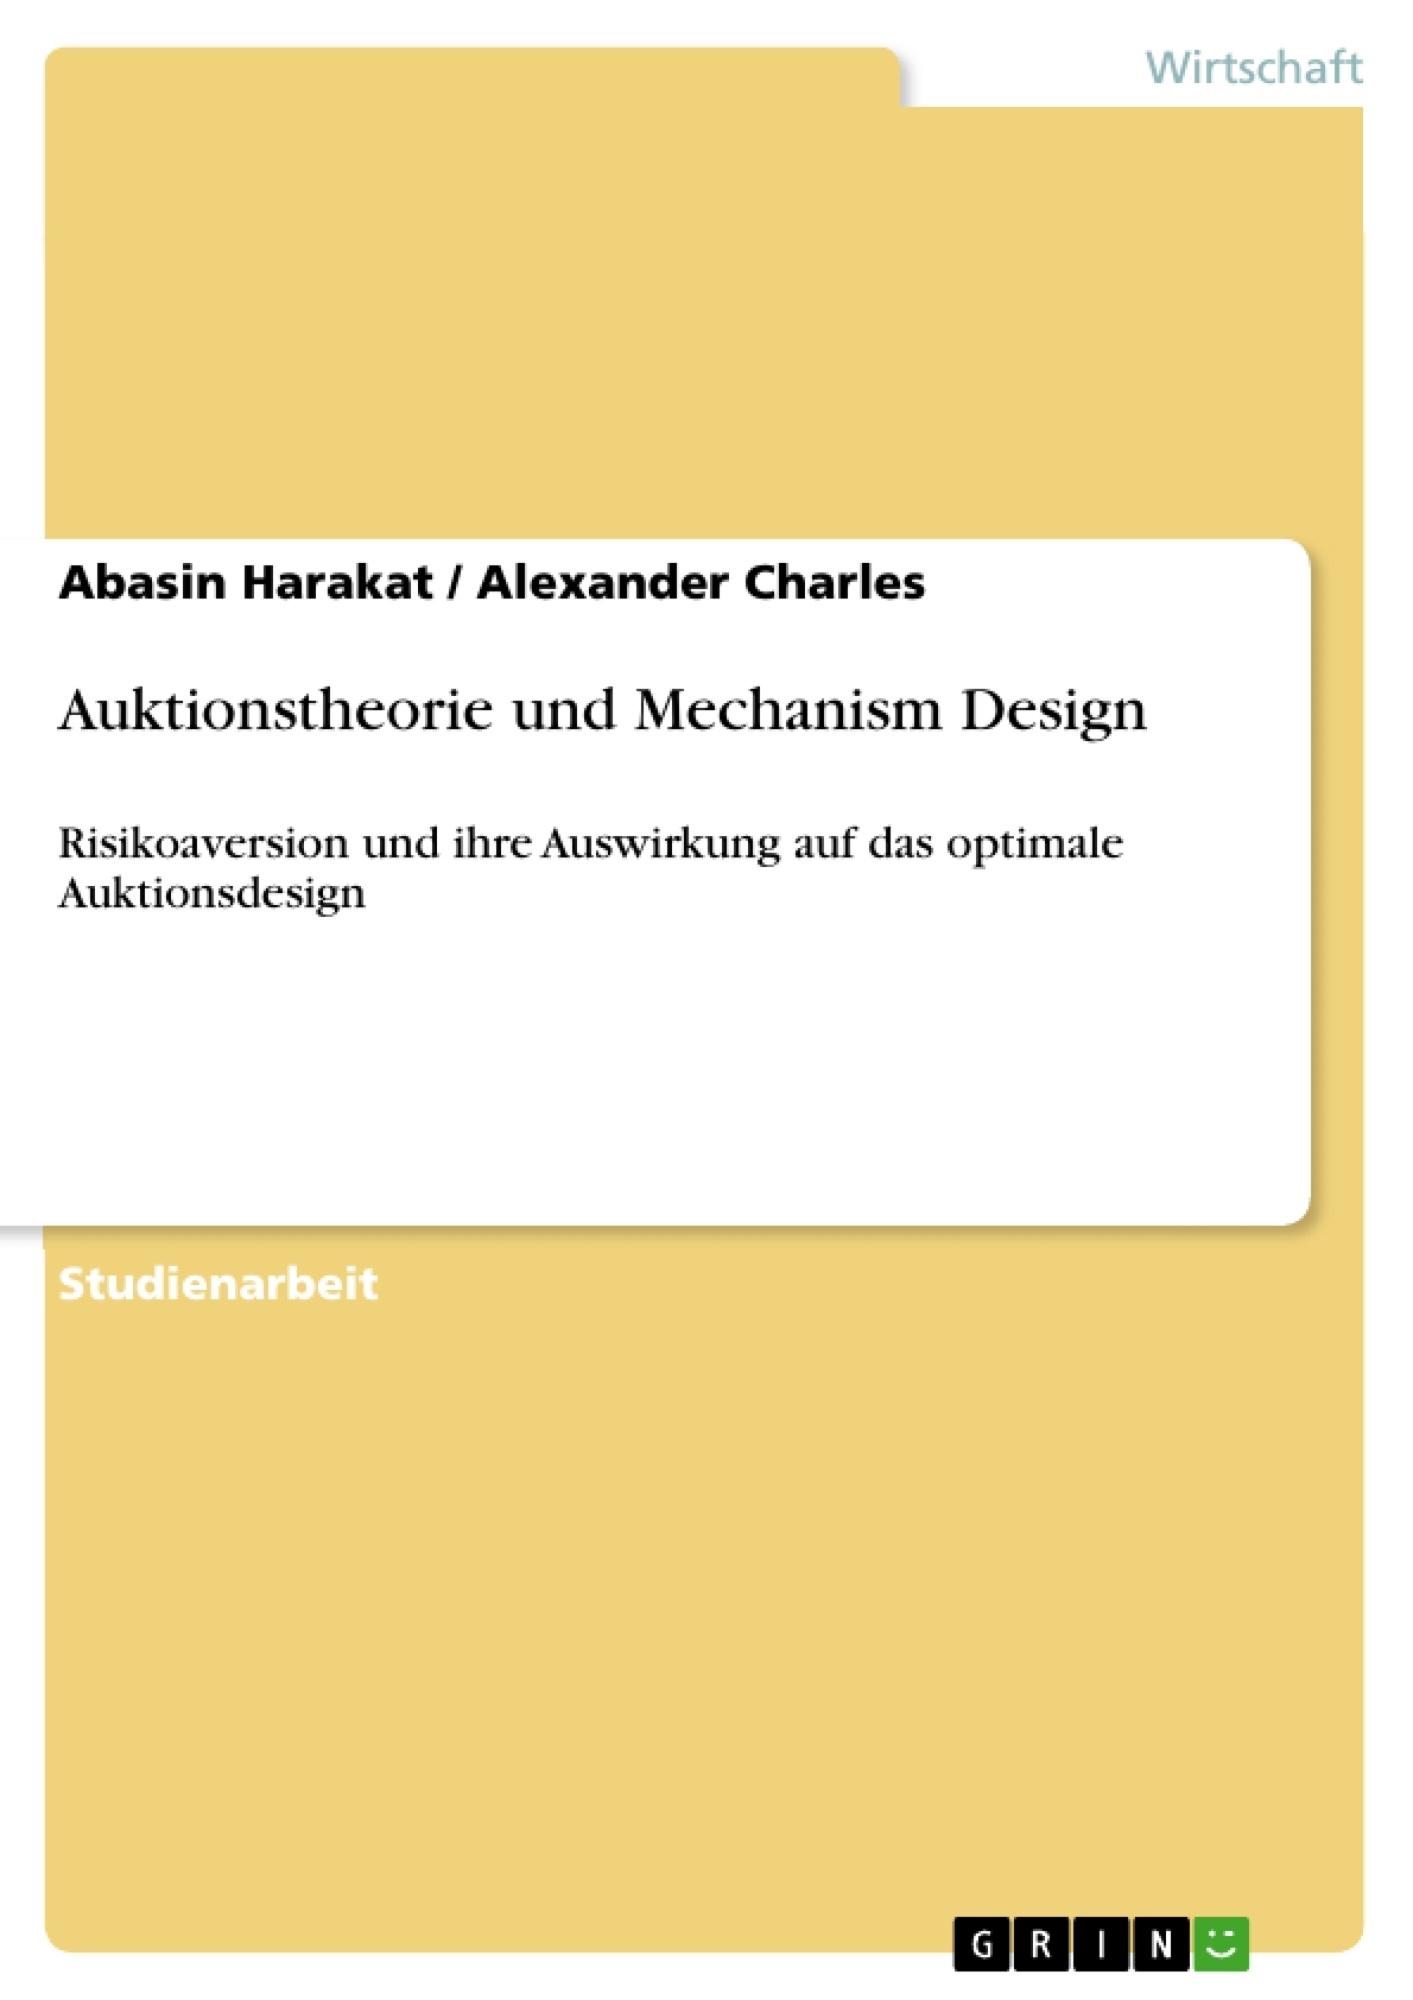 Titel: Auktionstheorie und Mechanism Design